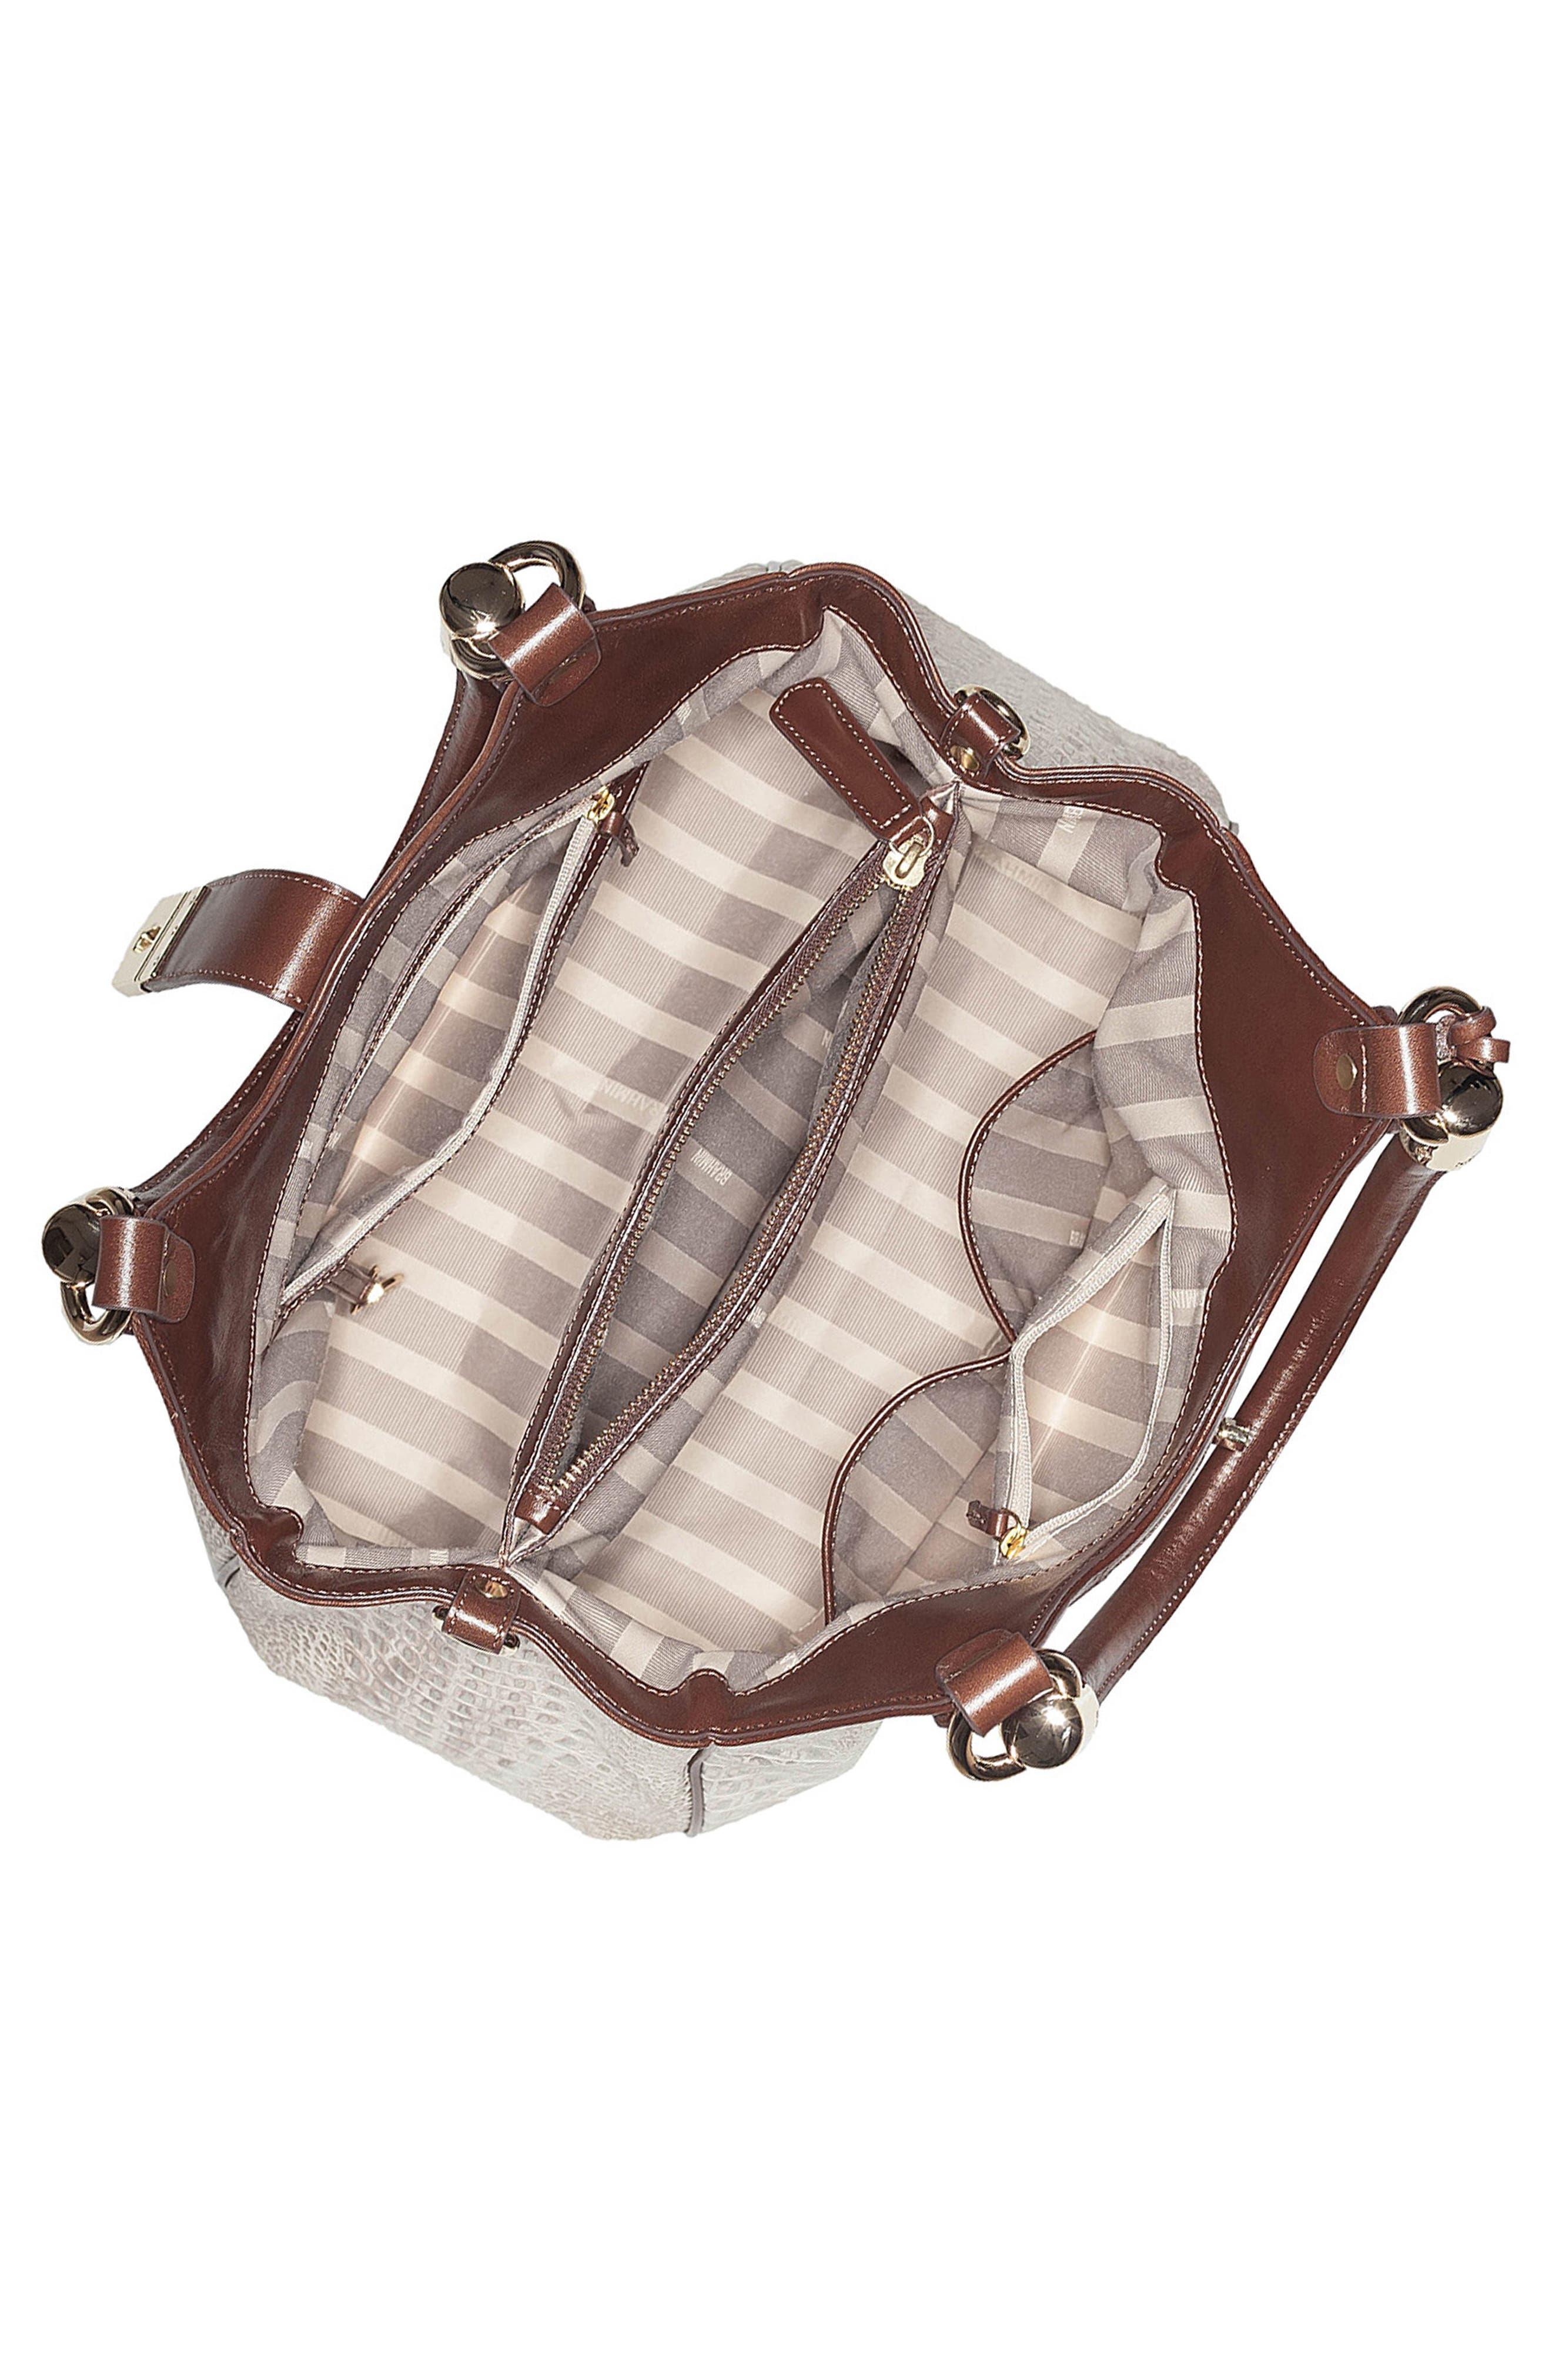 Elisa Croc Embossed Leather Shoulder Bag,                             Alternate thumbnail 3, color,                             BEIGE